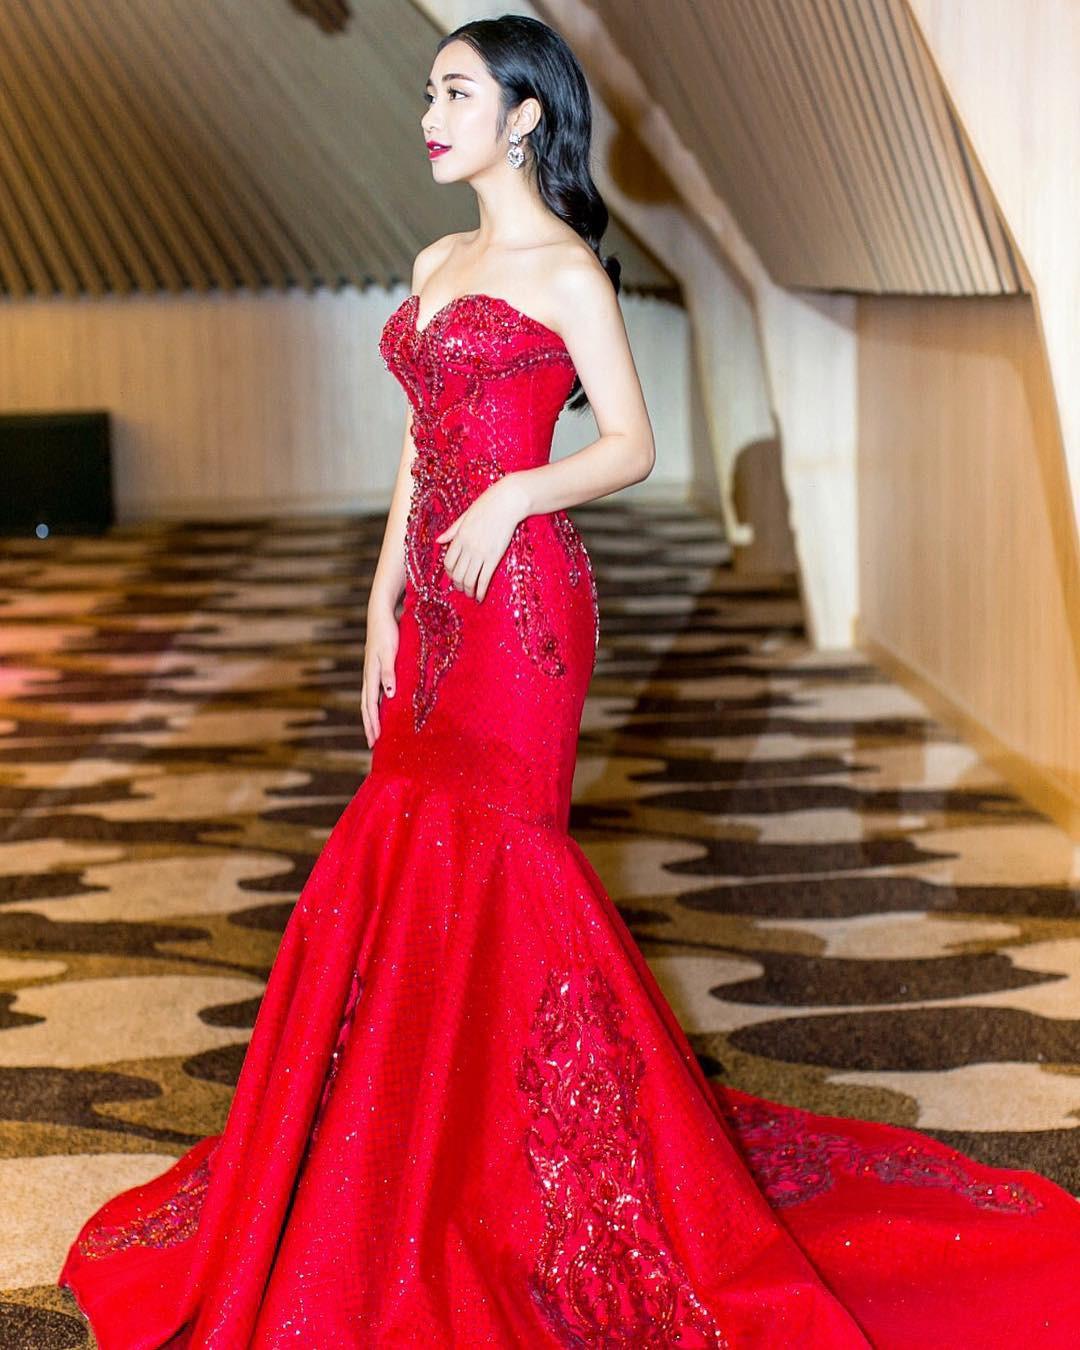 Đại chiến hoa dâm bụt: Hòa Minzy mặc áo phao đỏ, Đức Phúc liền ví chị giống chiếc xúc xích - Ảnh 7.